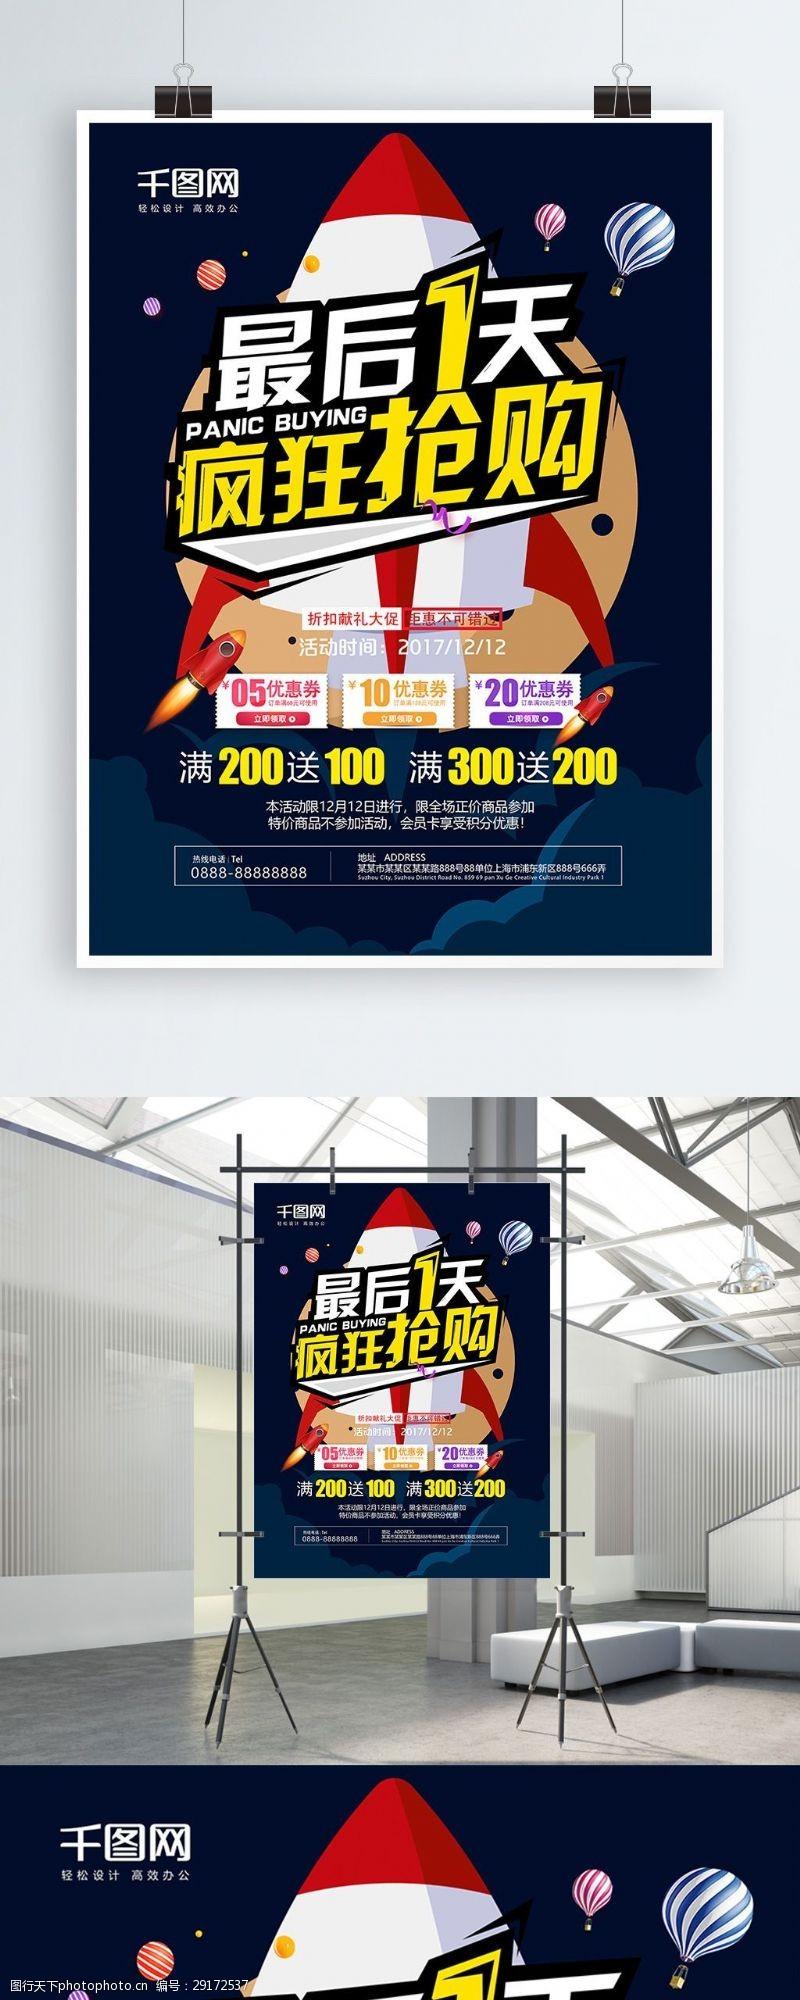 最后的疯狂创意火箭最后一天疯狂抢购双12促销海报